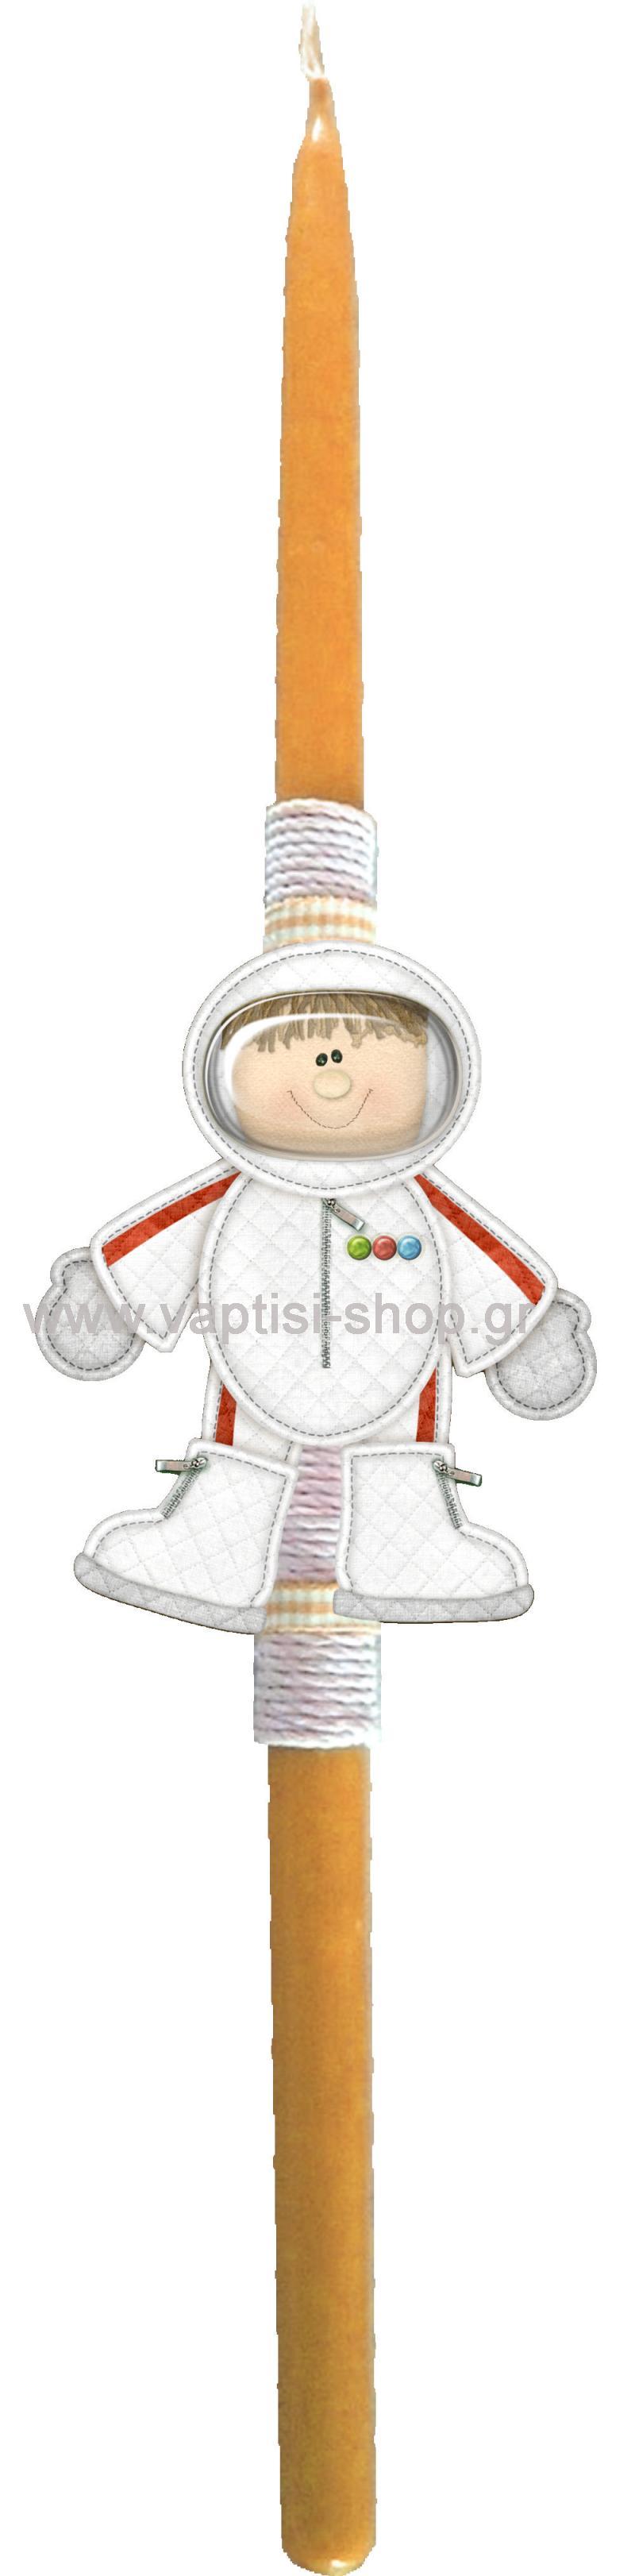 Πασχαλινή Λαμπάδα Αστροναύτης